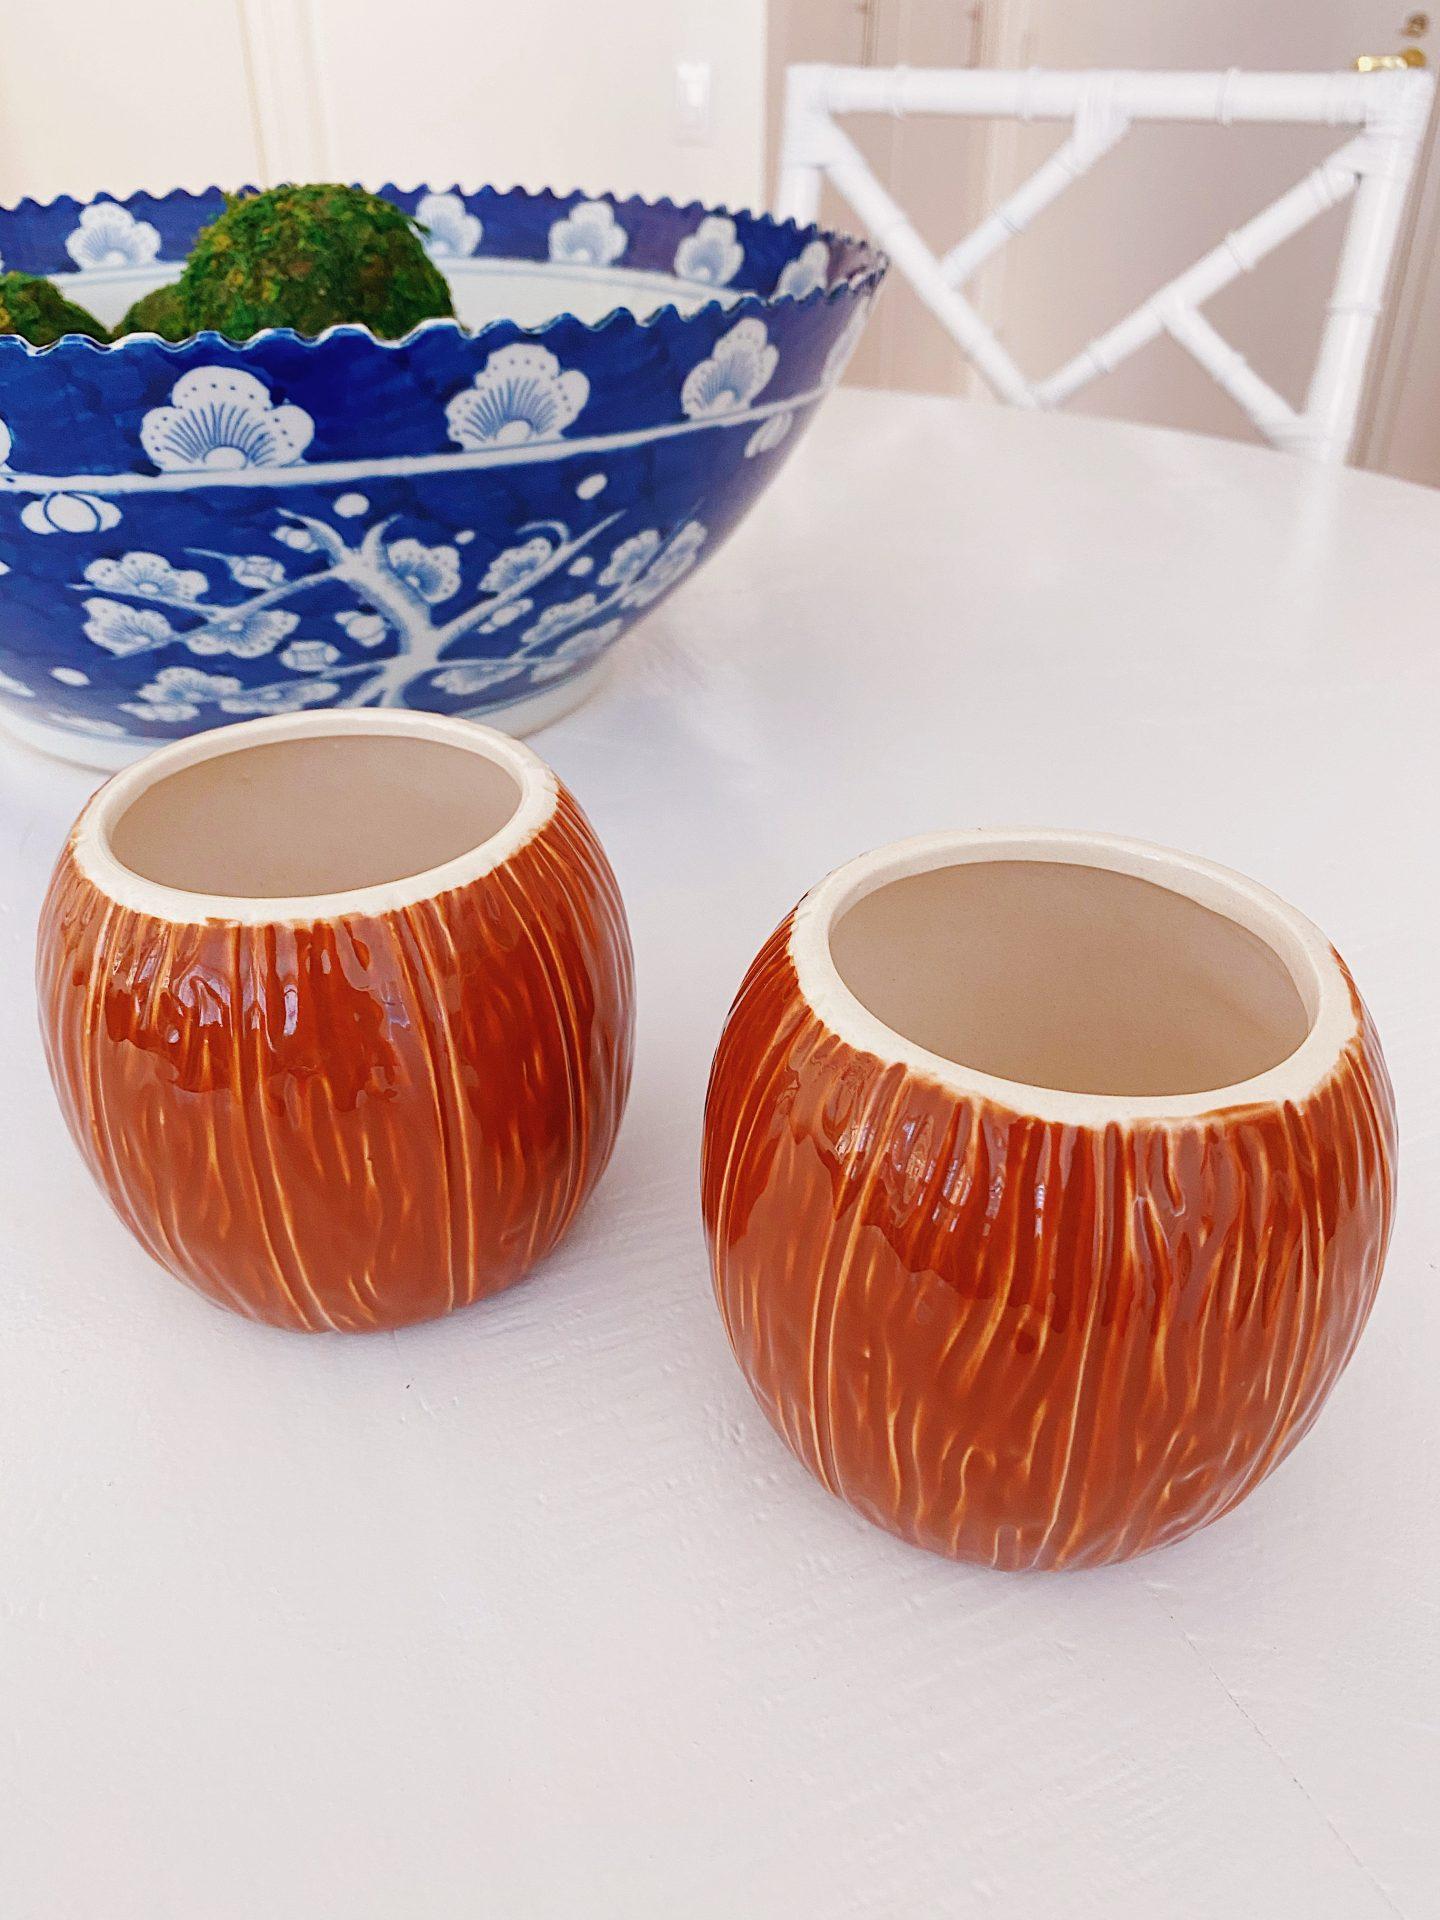 Amazon coconut ceramic mugs